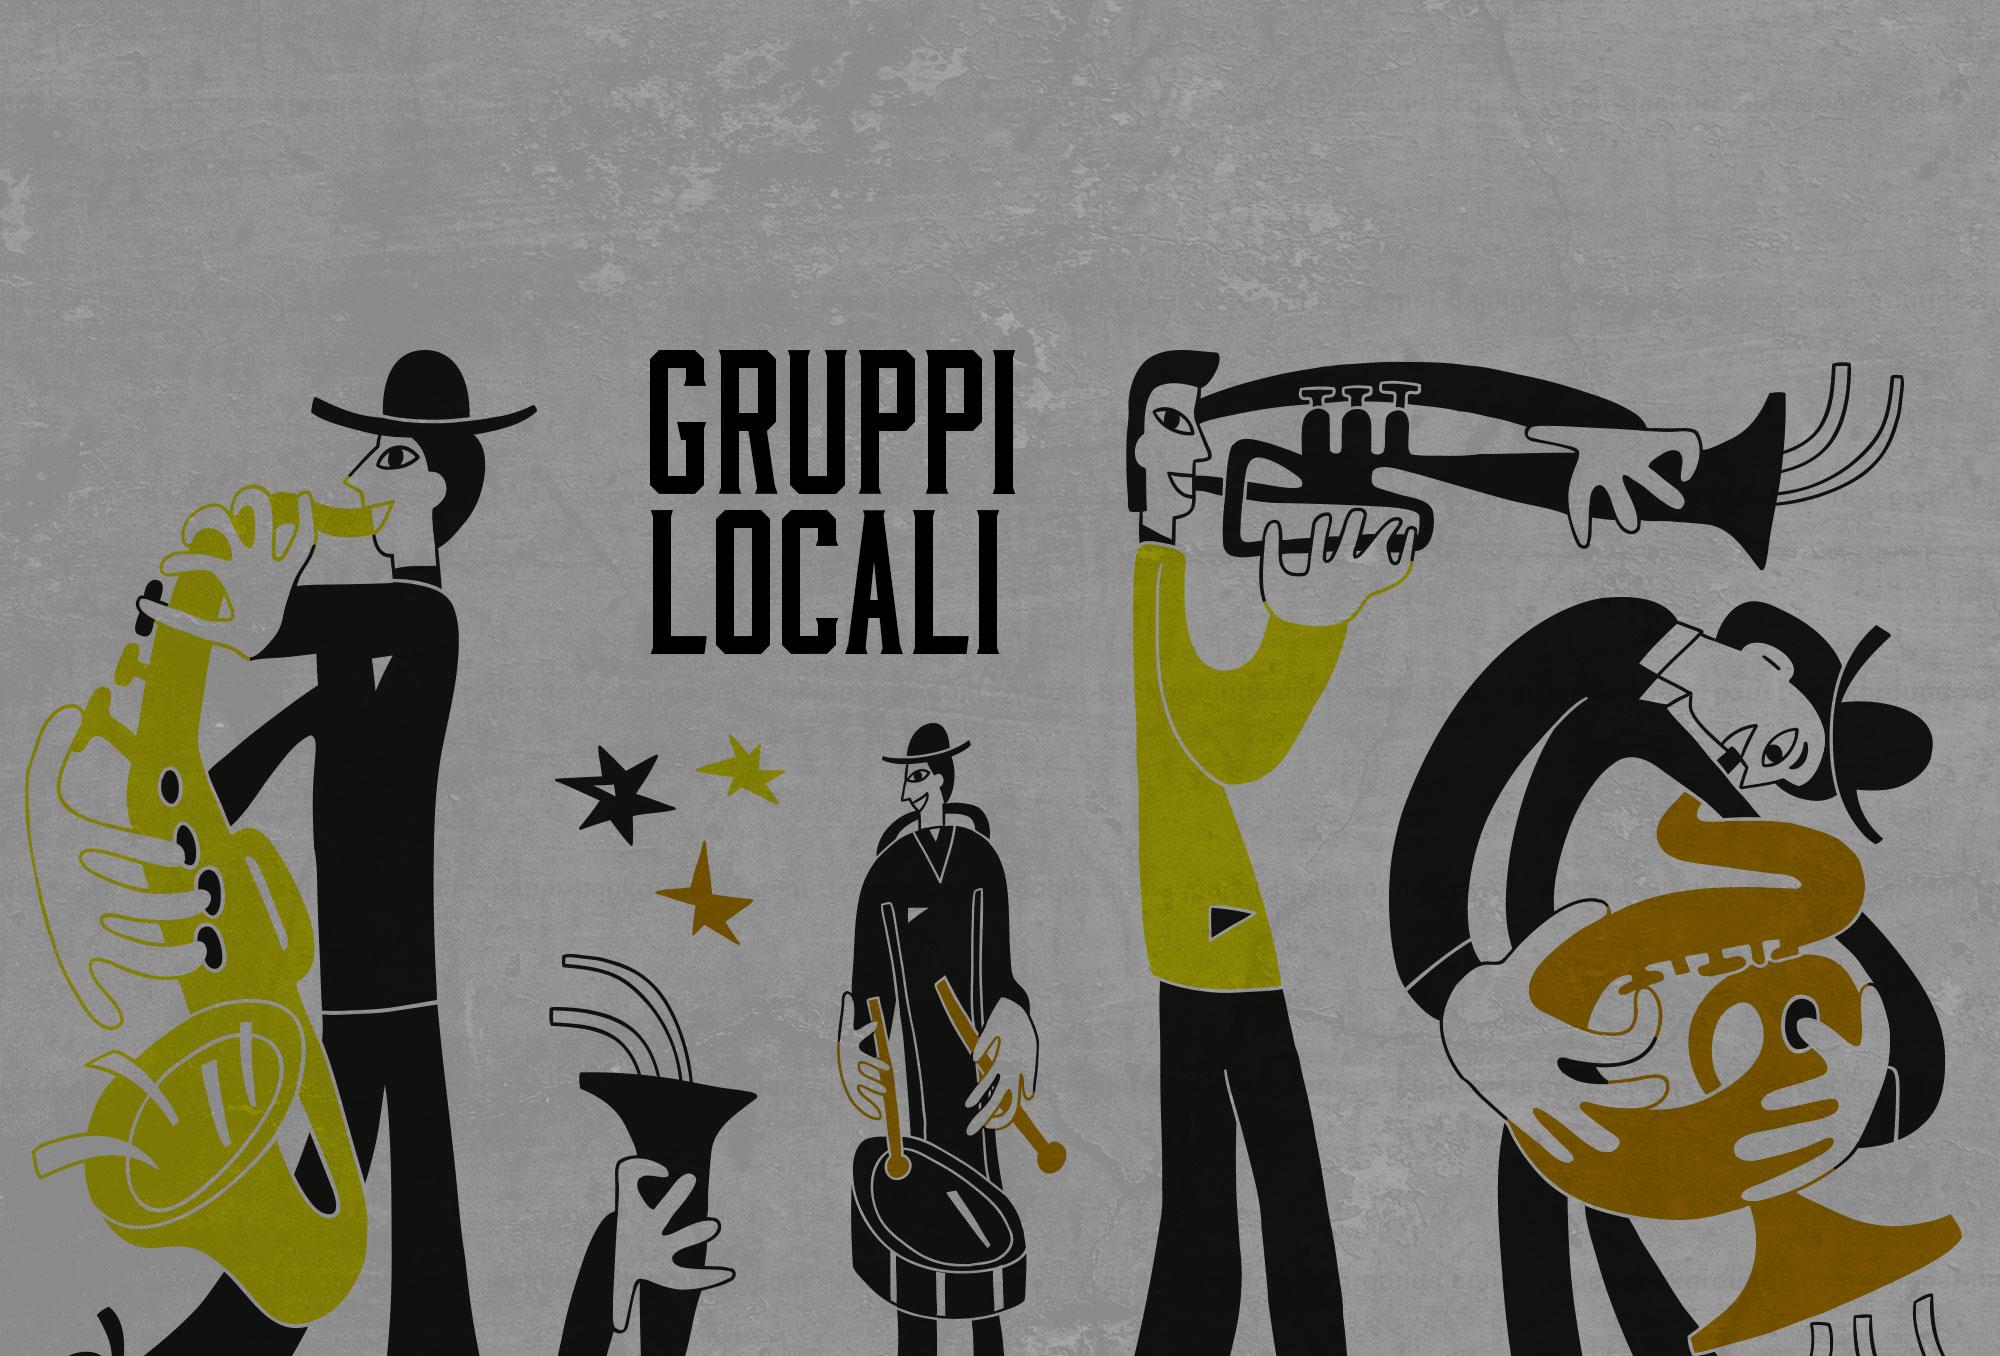 gruppi-locali